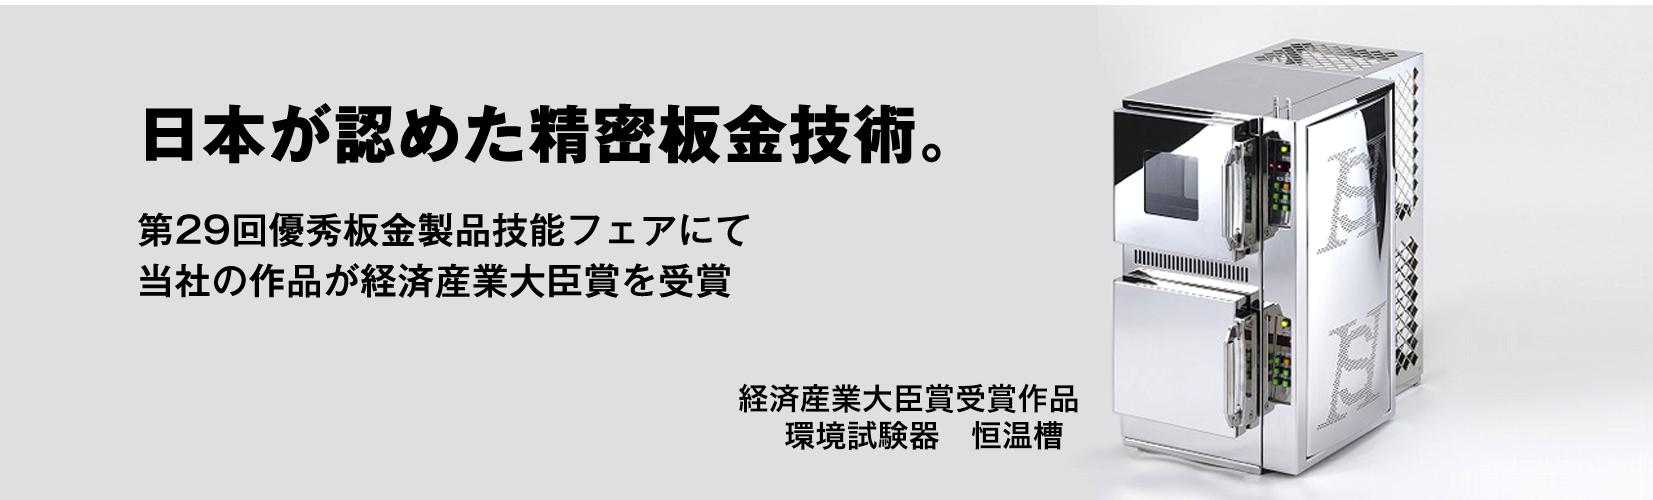 日本が認めた精密板金技術。